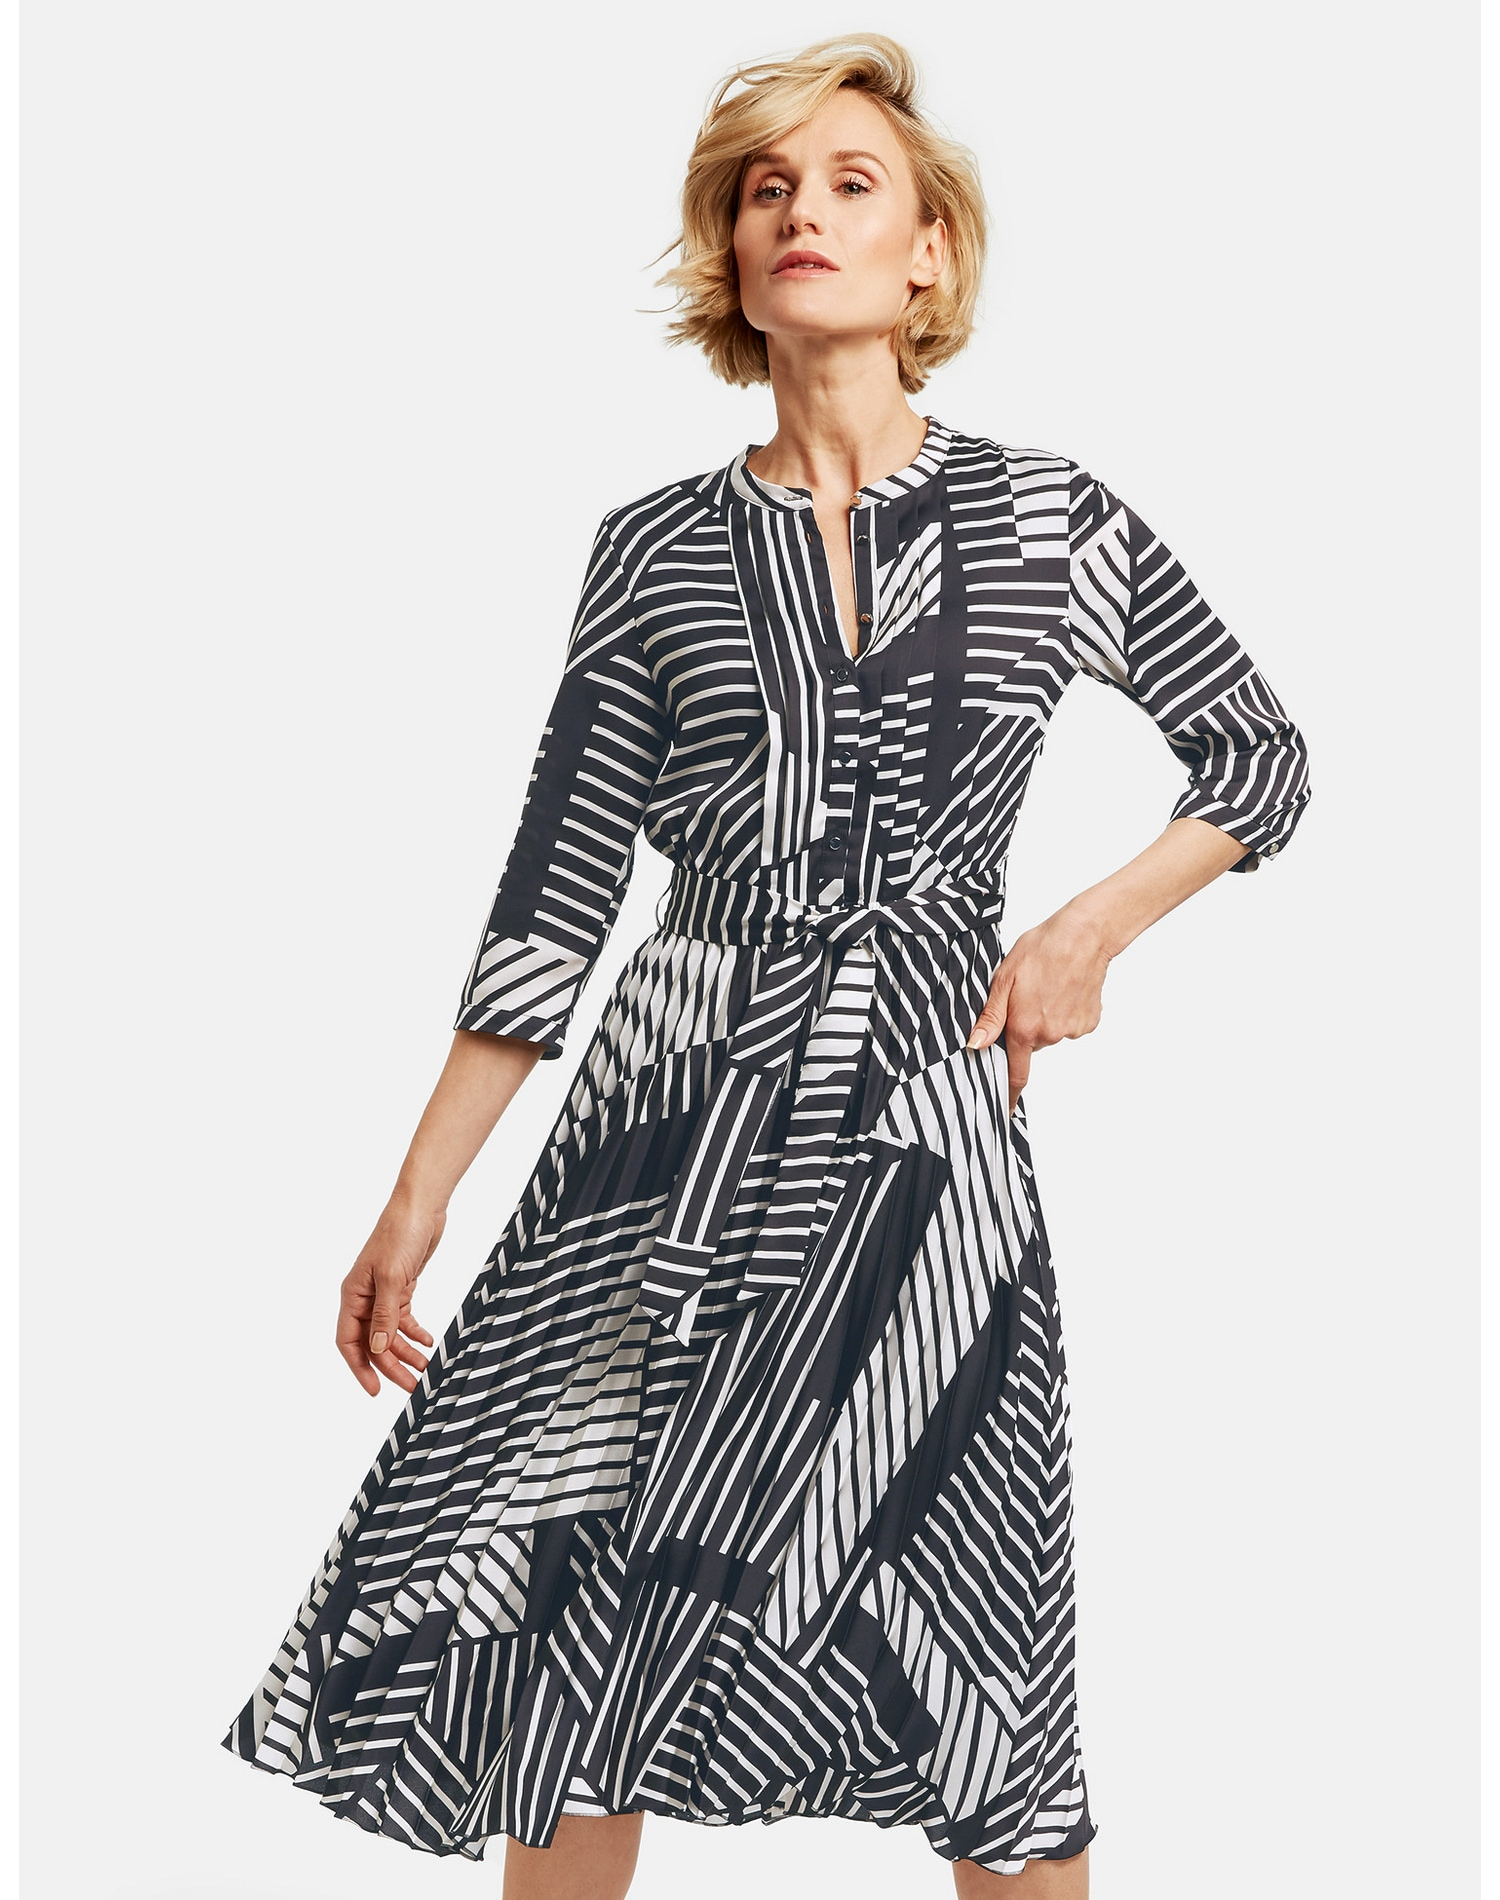 Image of GERRY WEBER Kleid Gewebe »Kleid mit grafischem Muster«